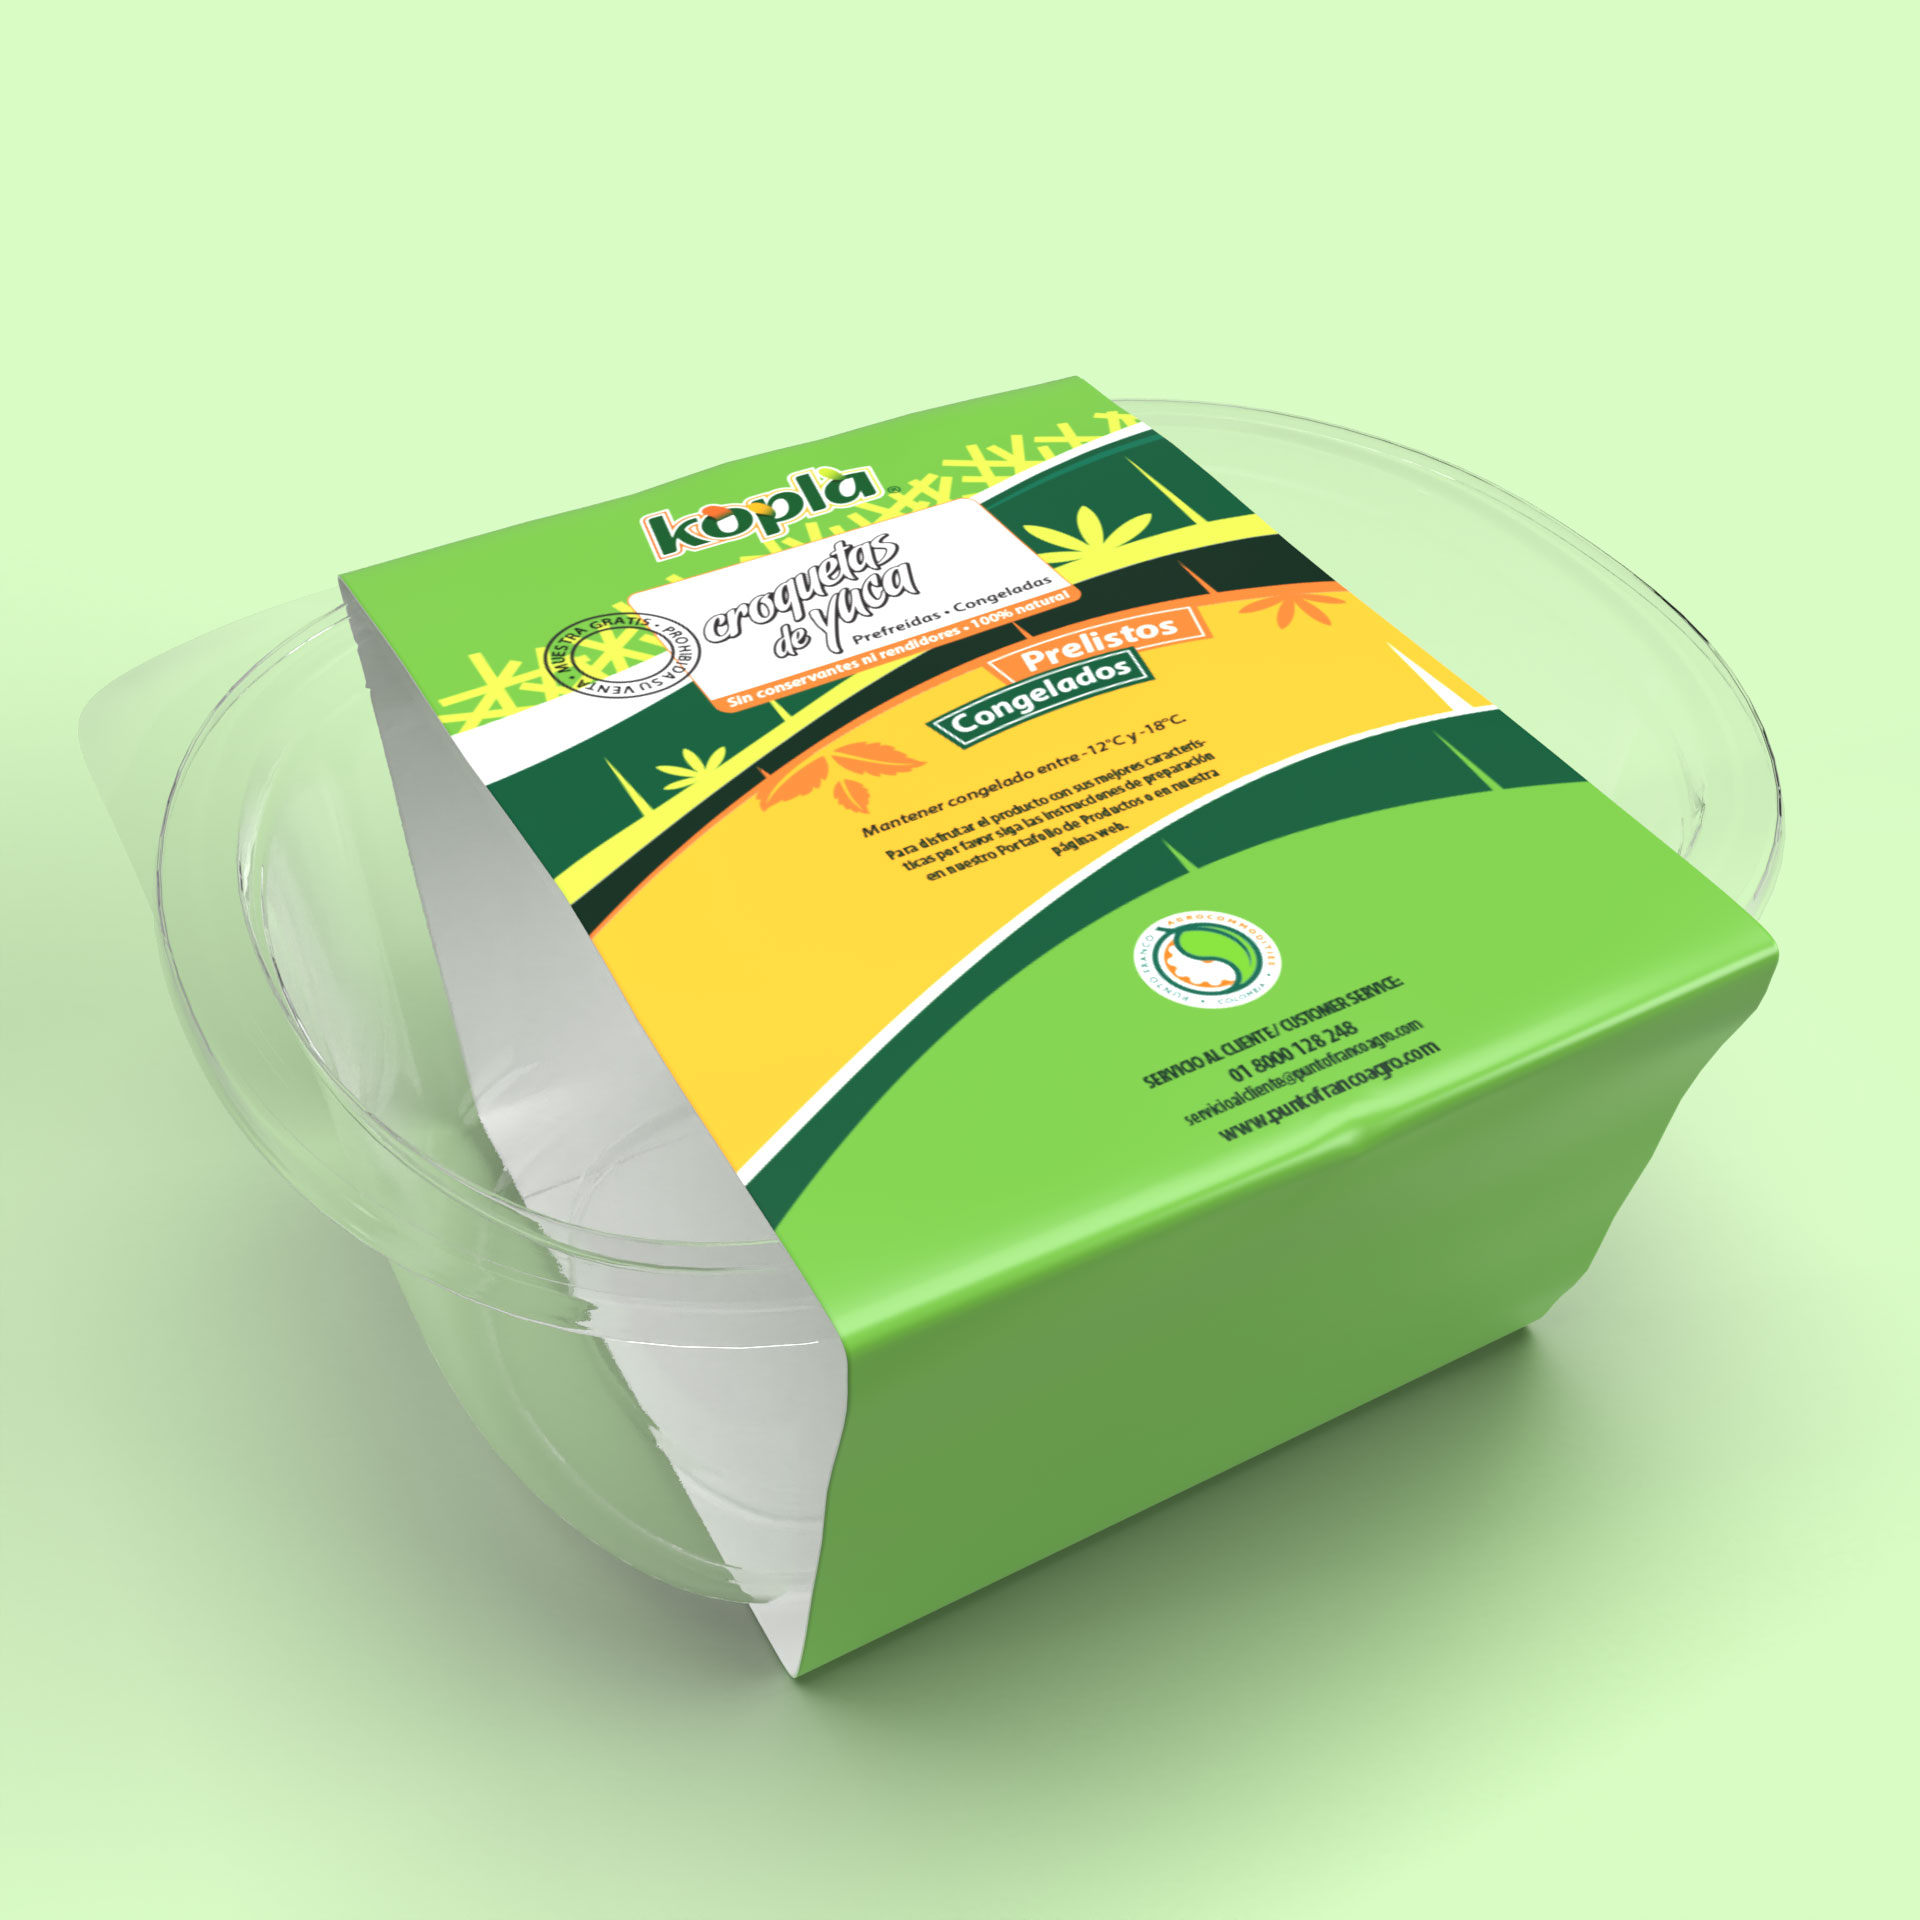 Diseño Empaque Degustación Productos Kopla